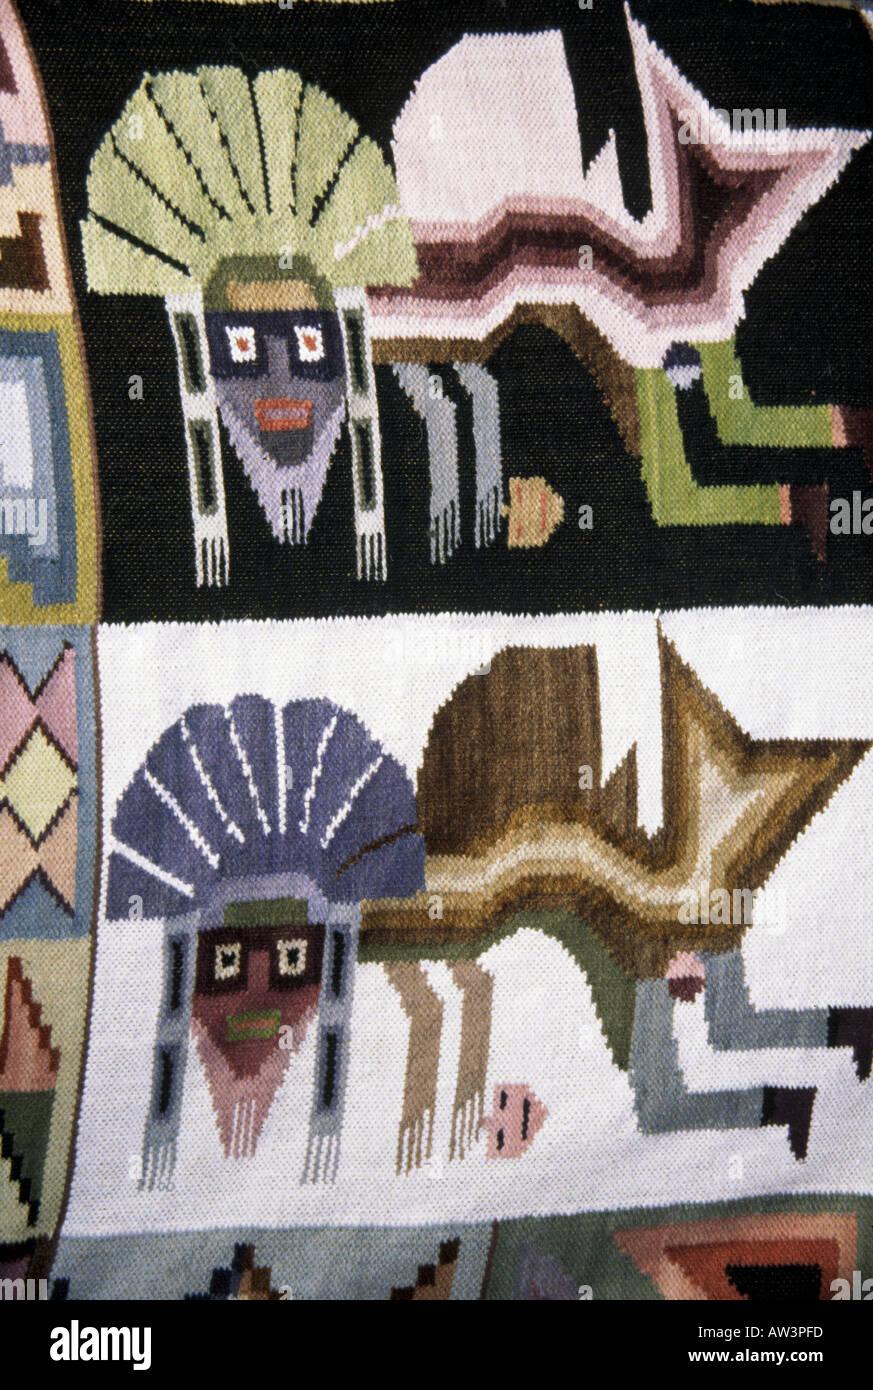 Pérou - créations textiles Photo Stock